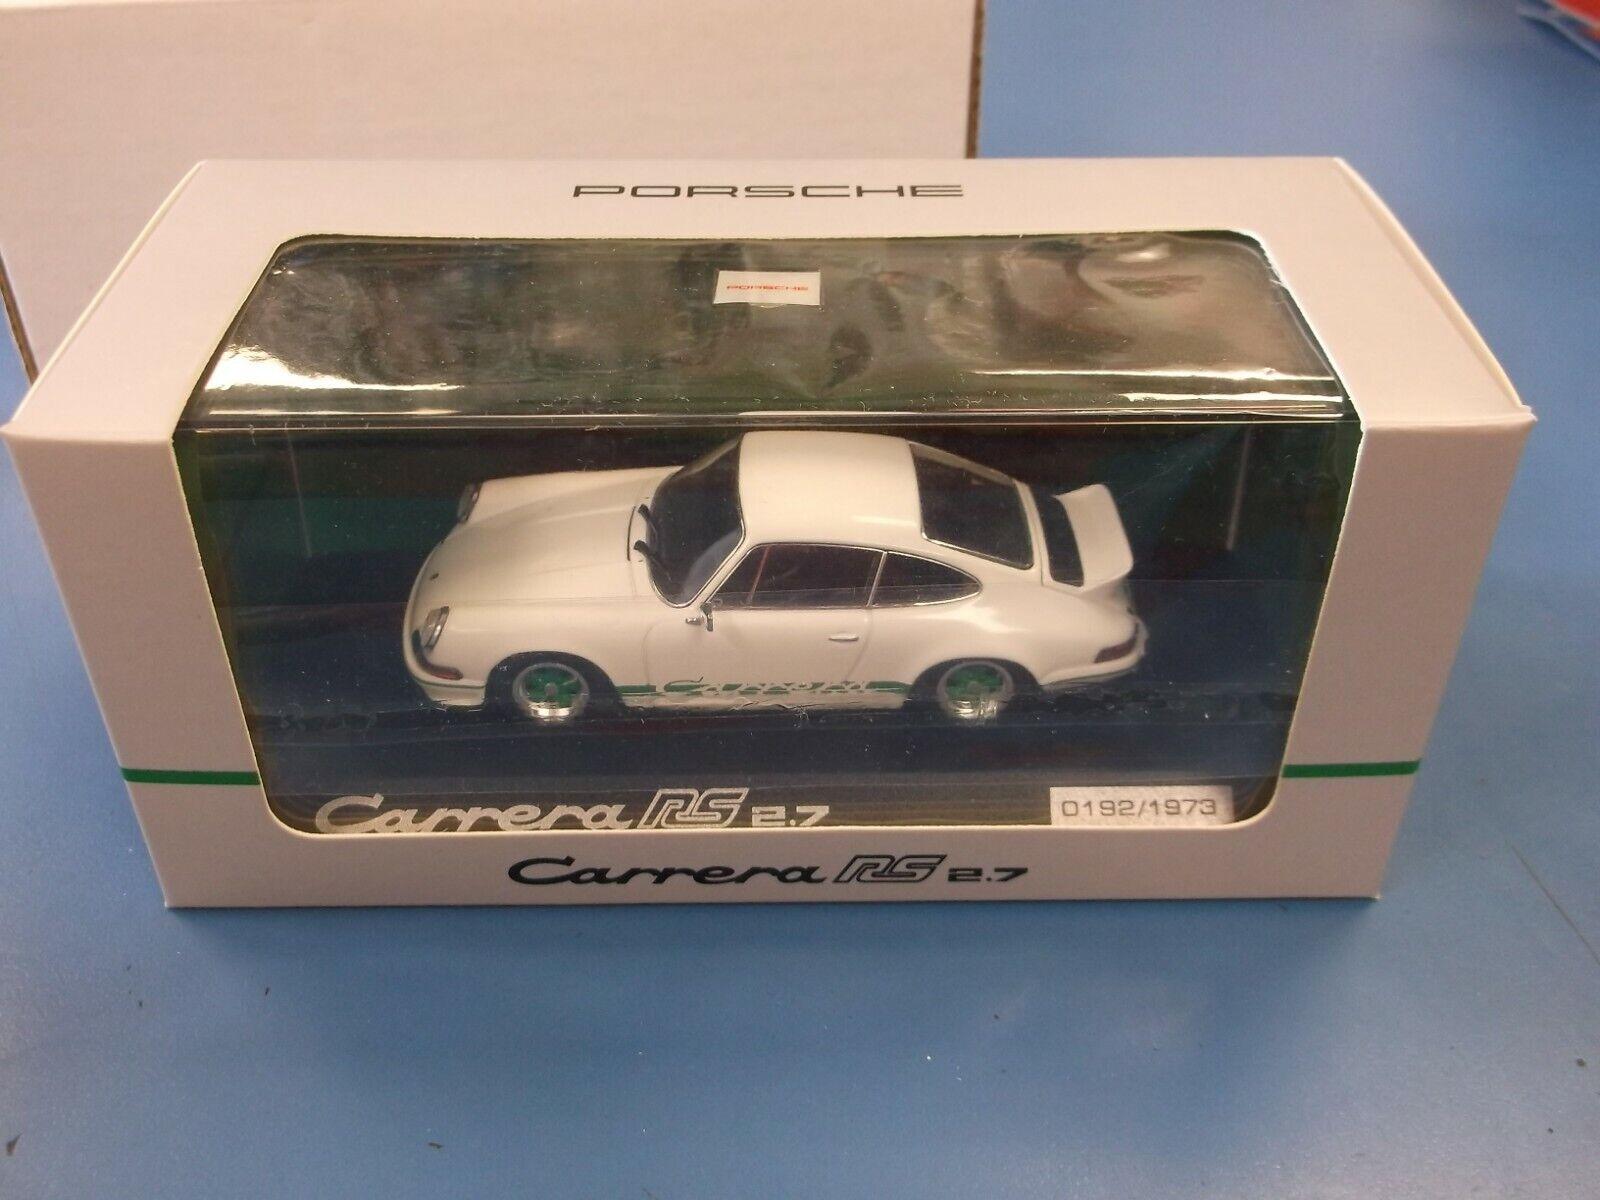 Paul's Model Art  Minichamps 1 43 Scale Porsche Carrera RS 2.7 In White